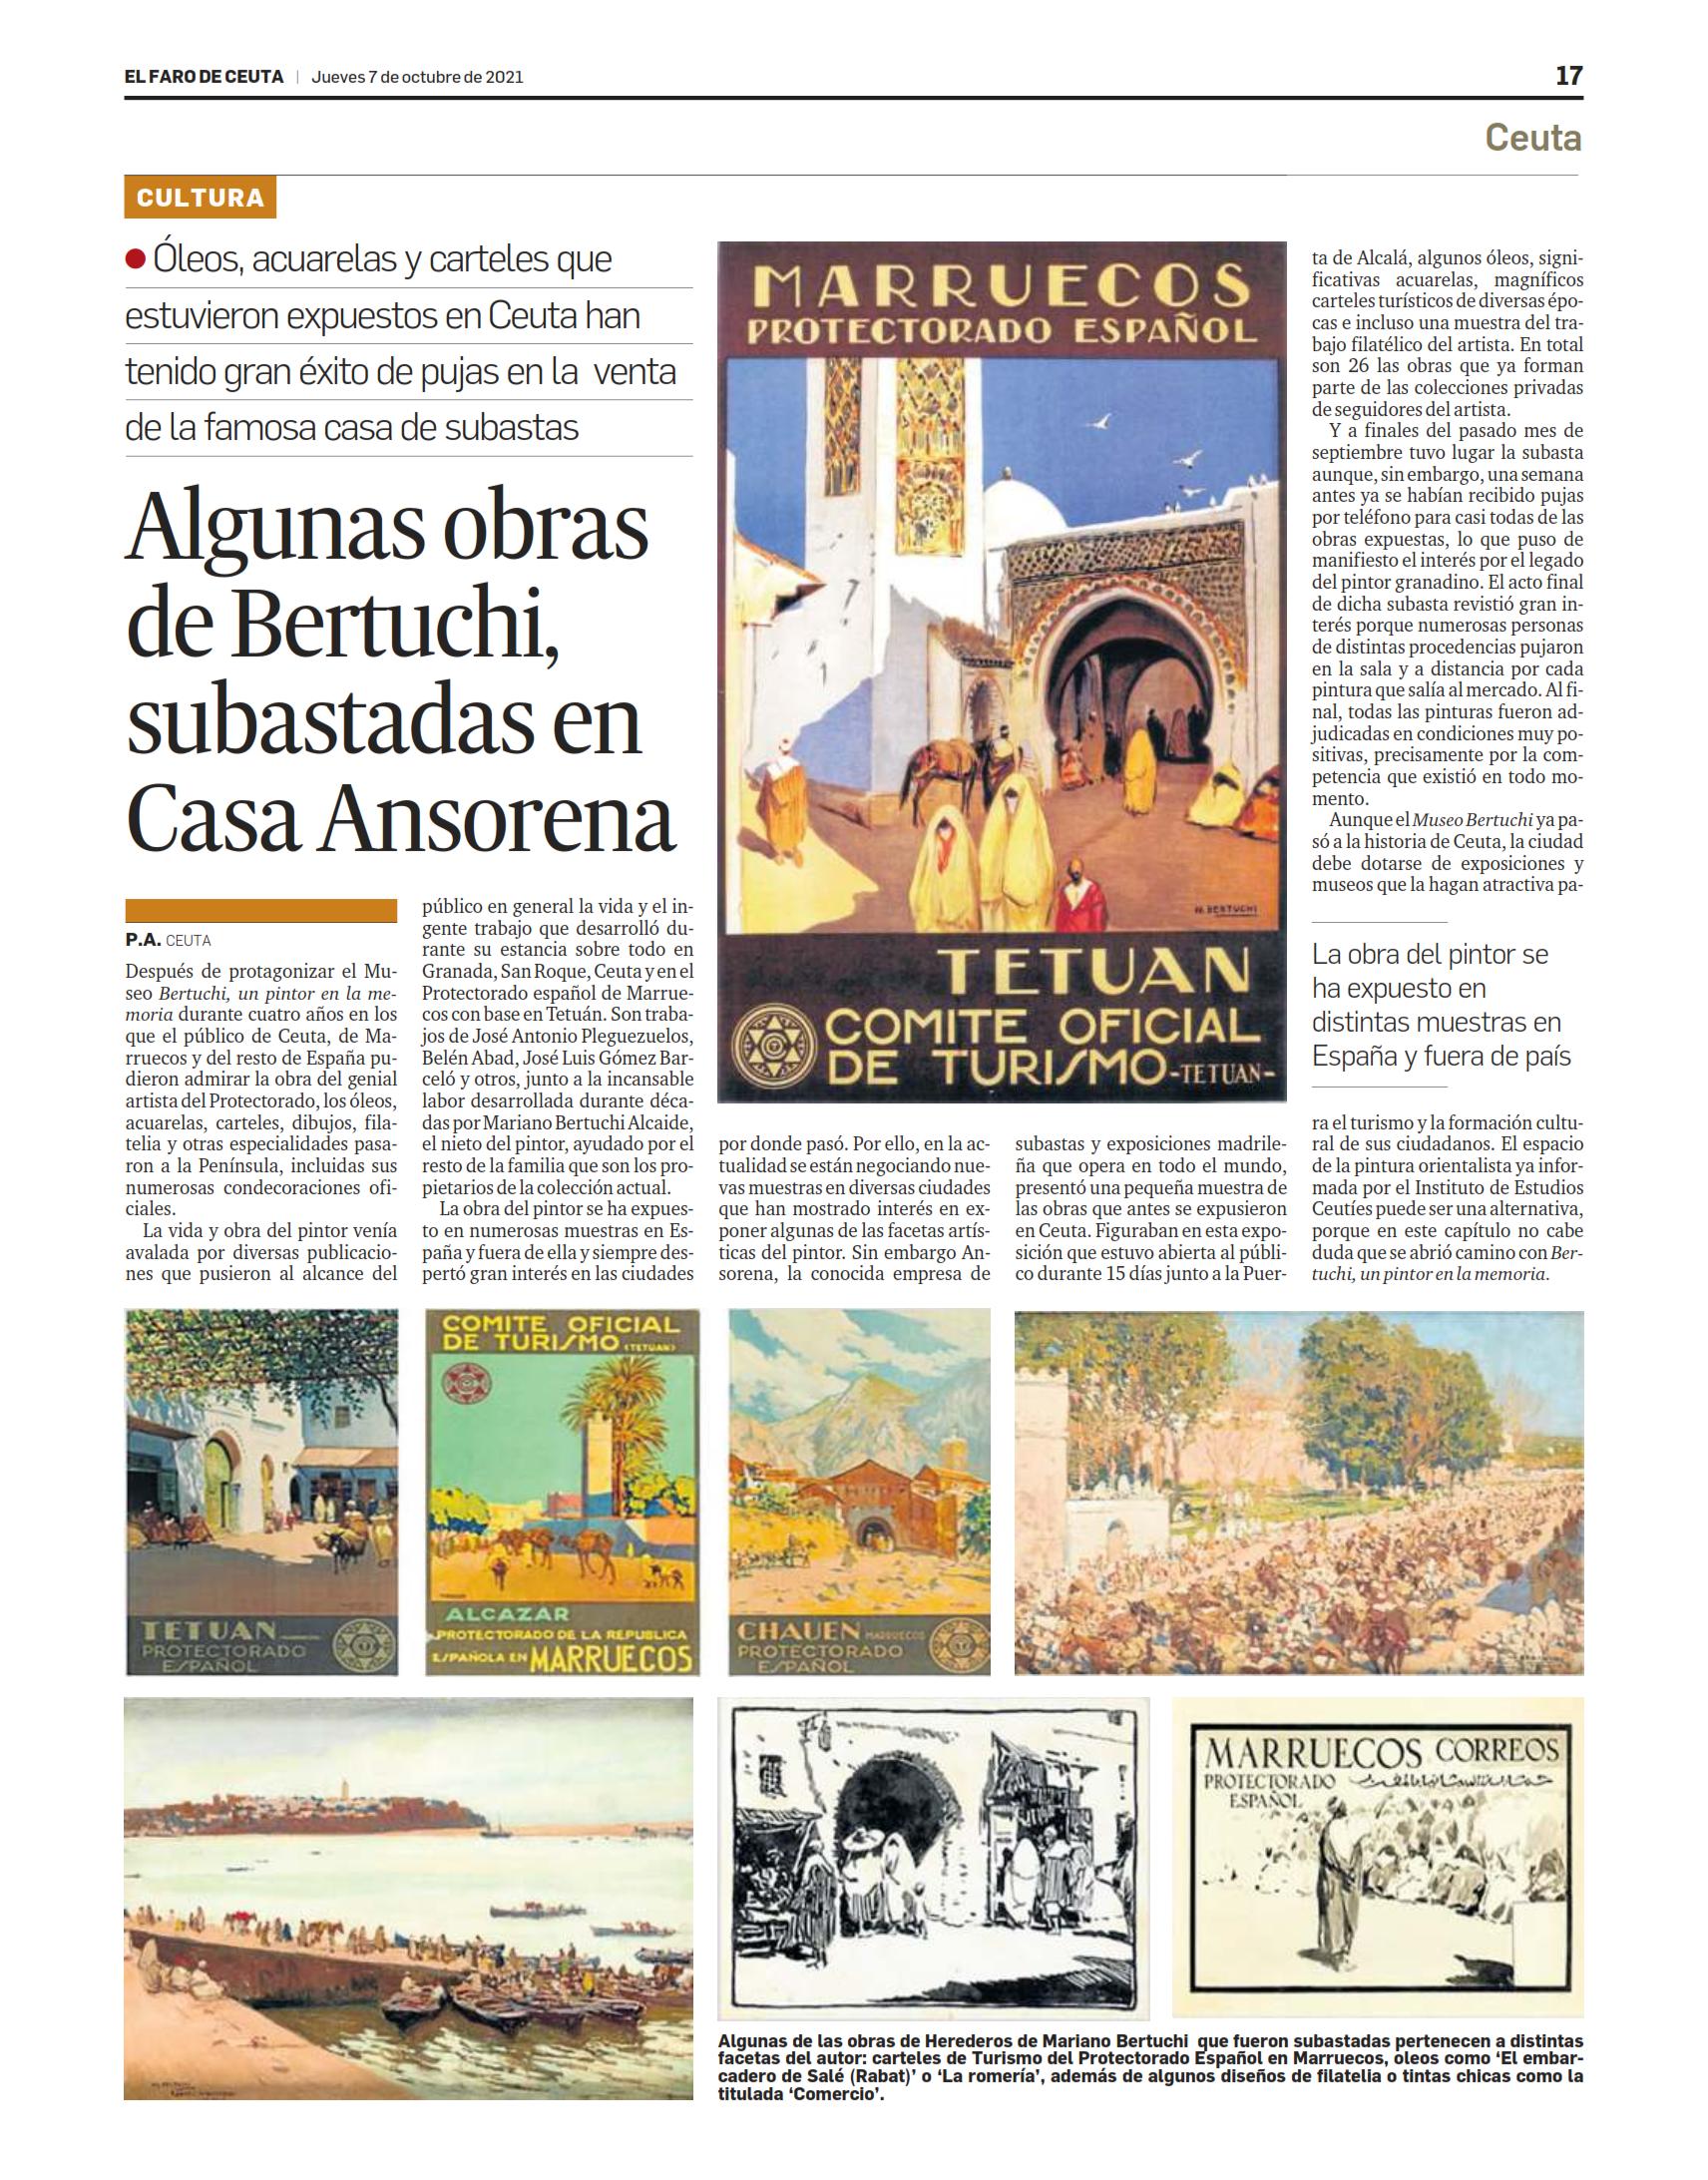 Subasta de obras de Bertuchi, el pintor del Protectorado español, en Casa Ansorena